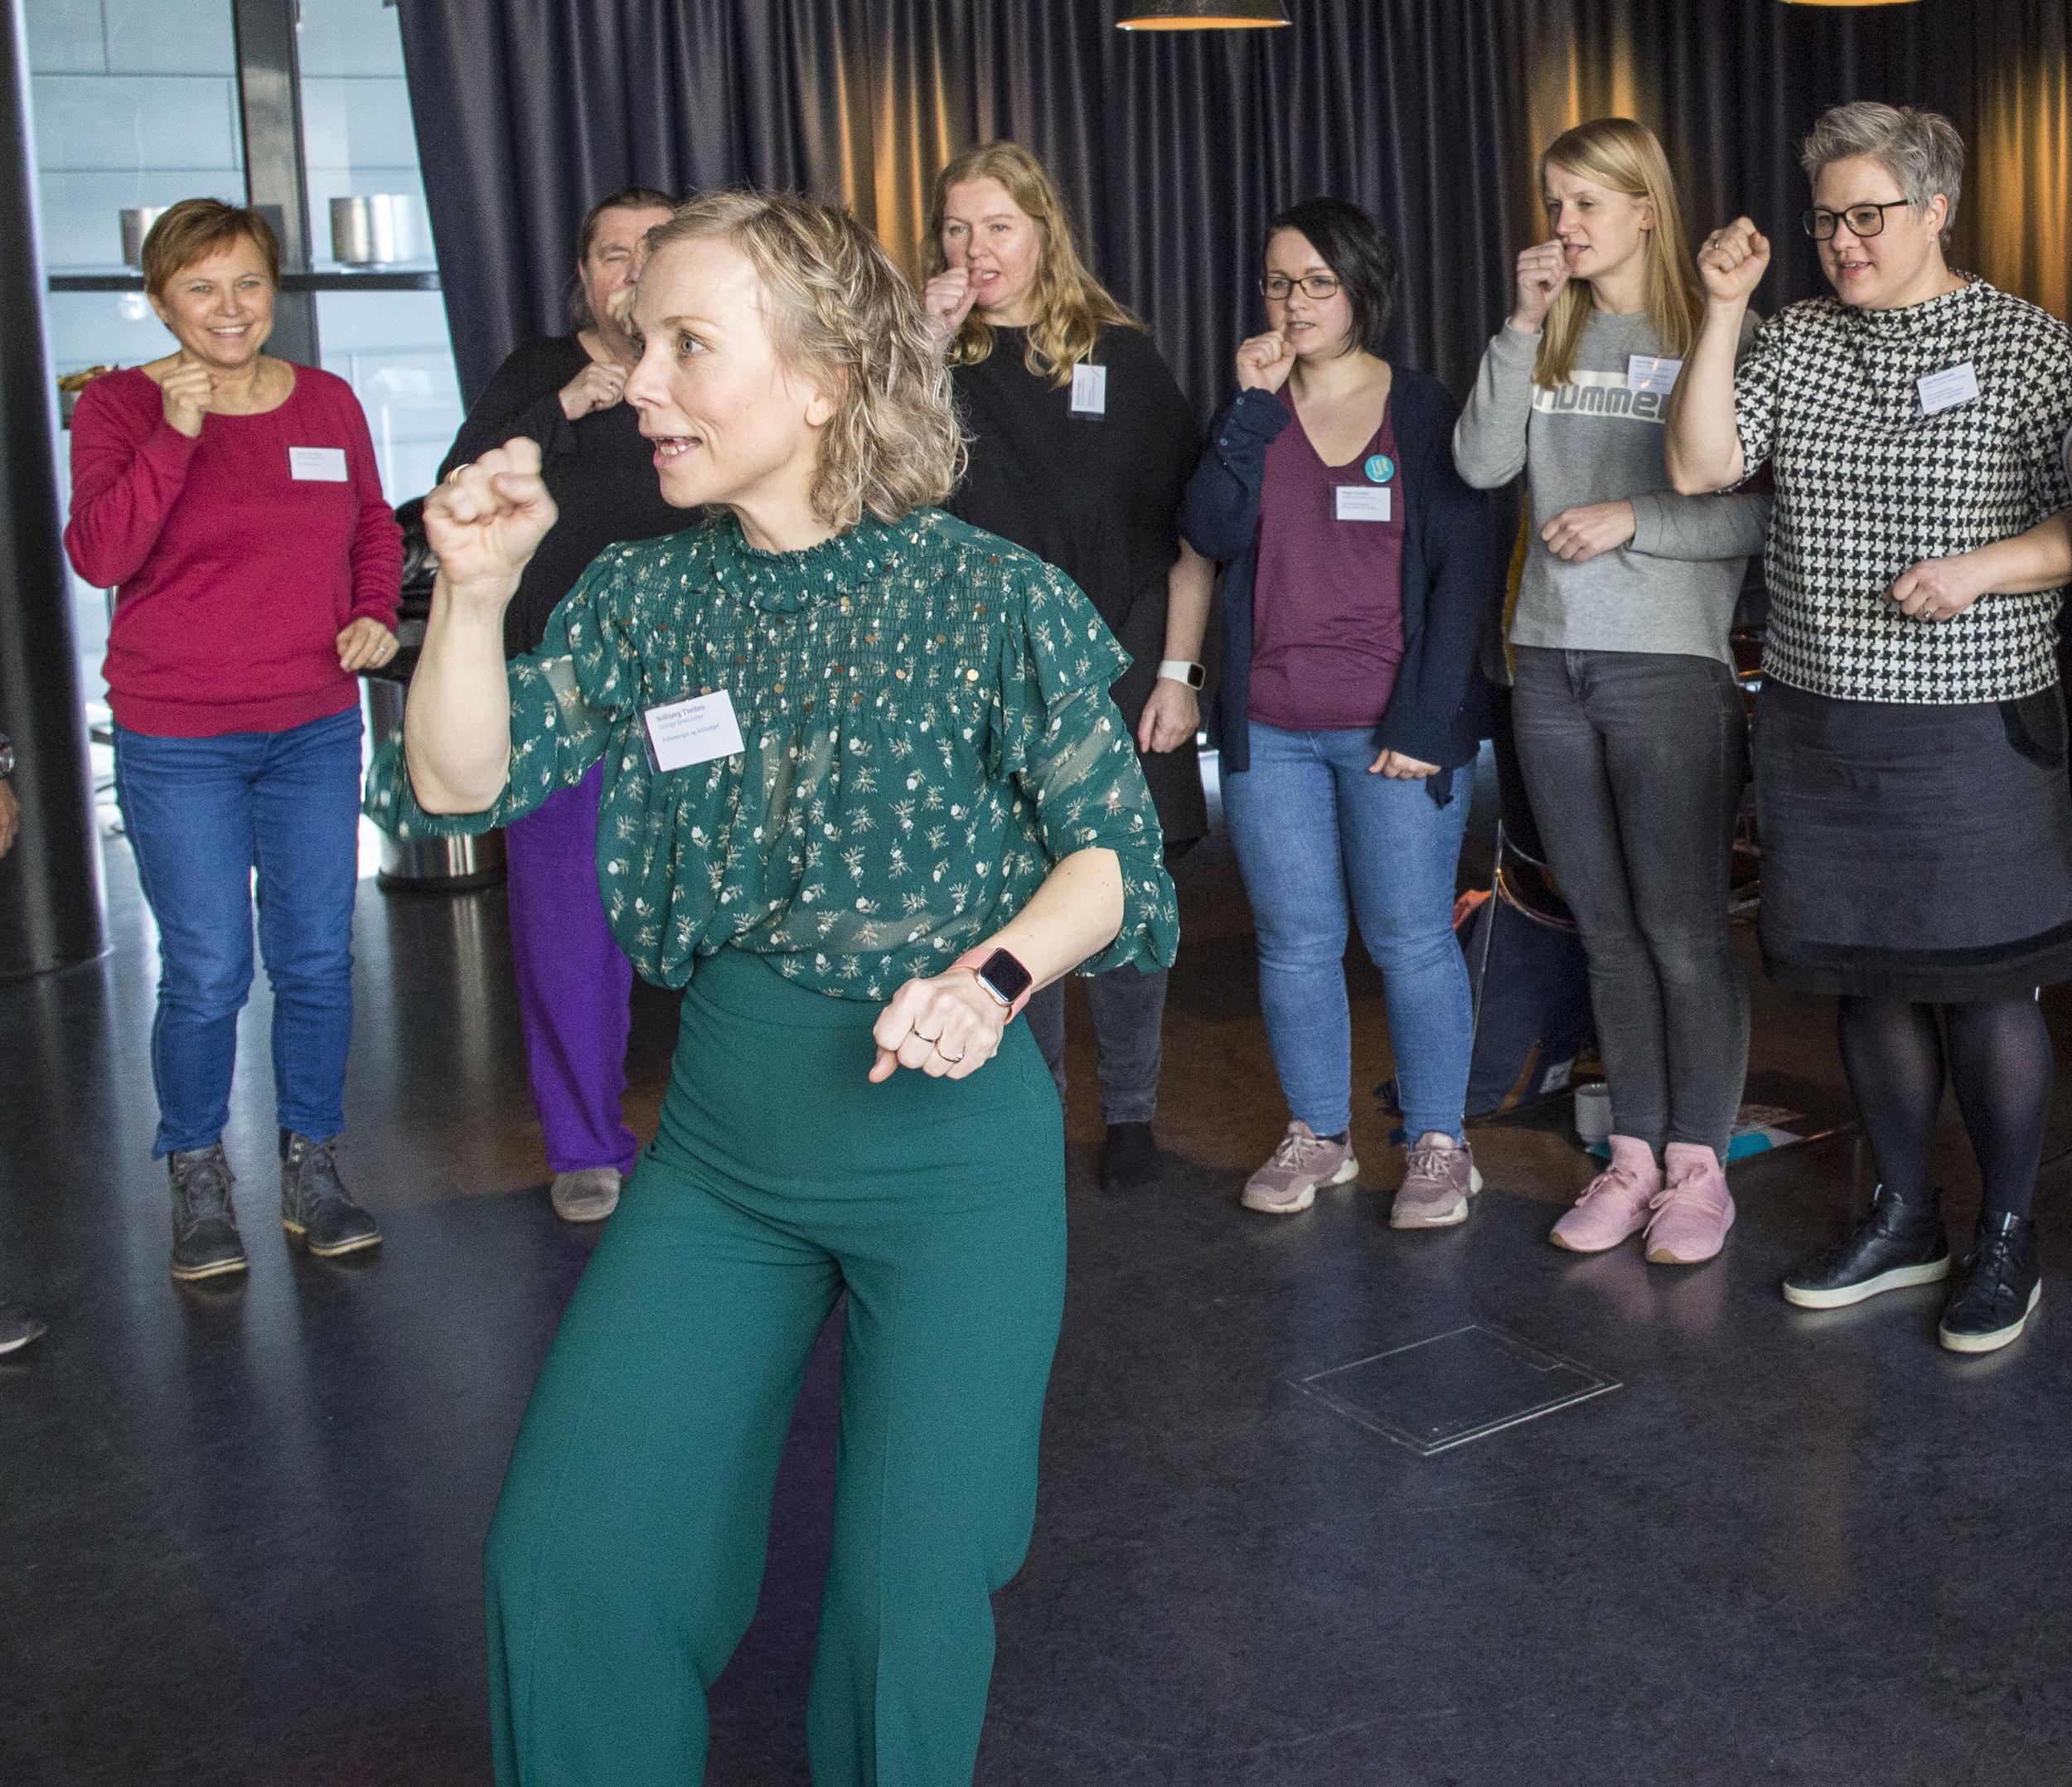 Folkesanger og Kultursjef i Stange Kommune, Solbjørg Tveiten, lærte bort enkle og morsomme folkesanger